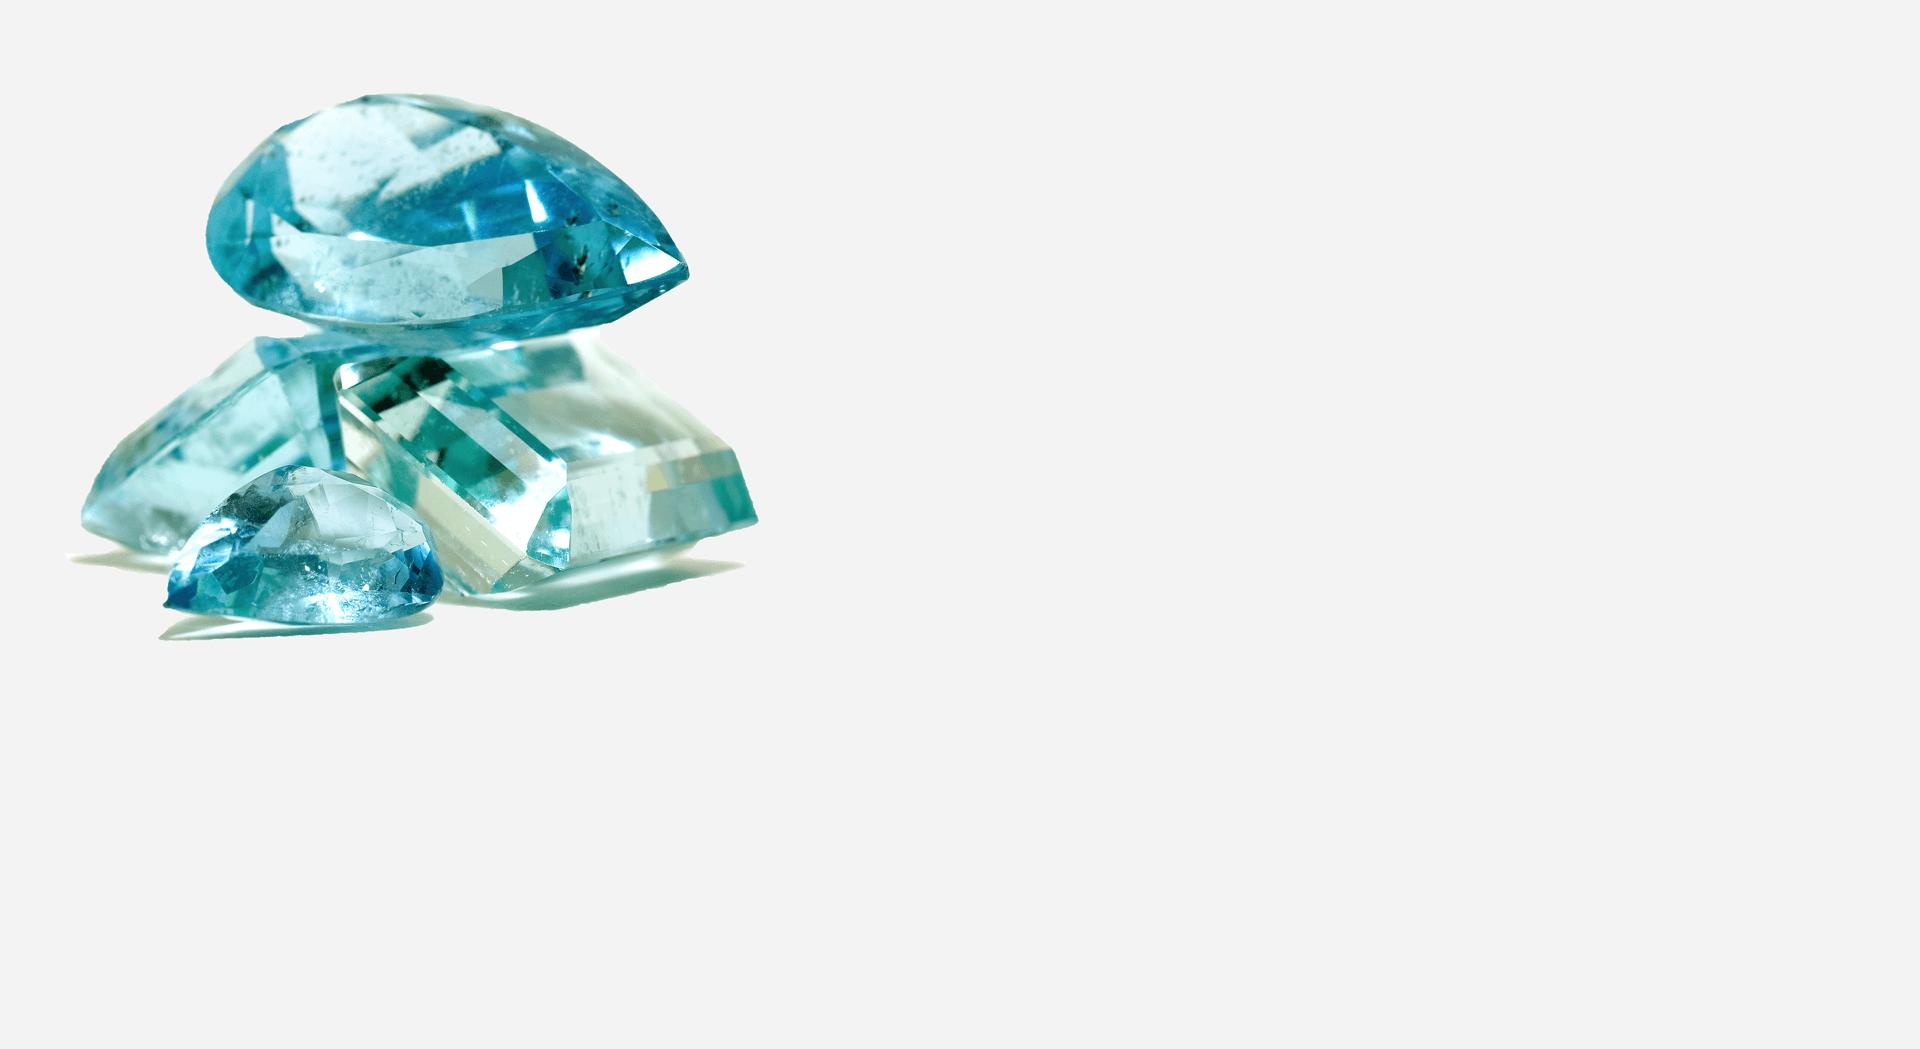 mehrere-aquamarine